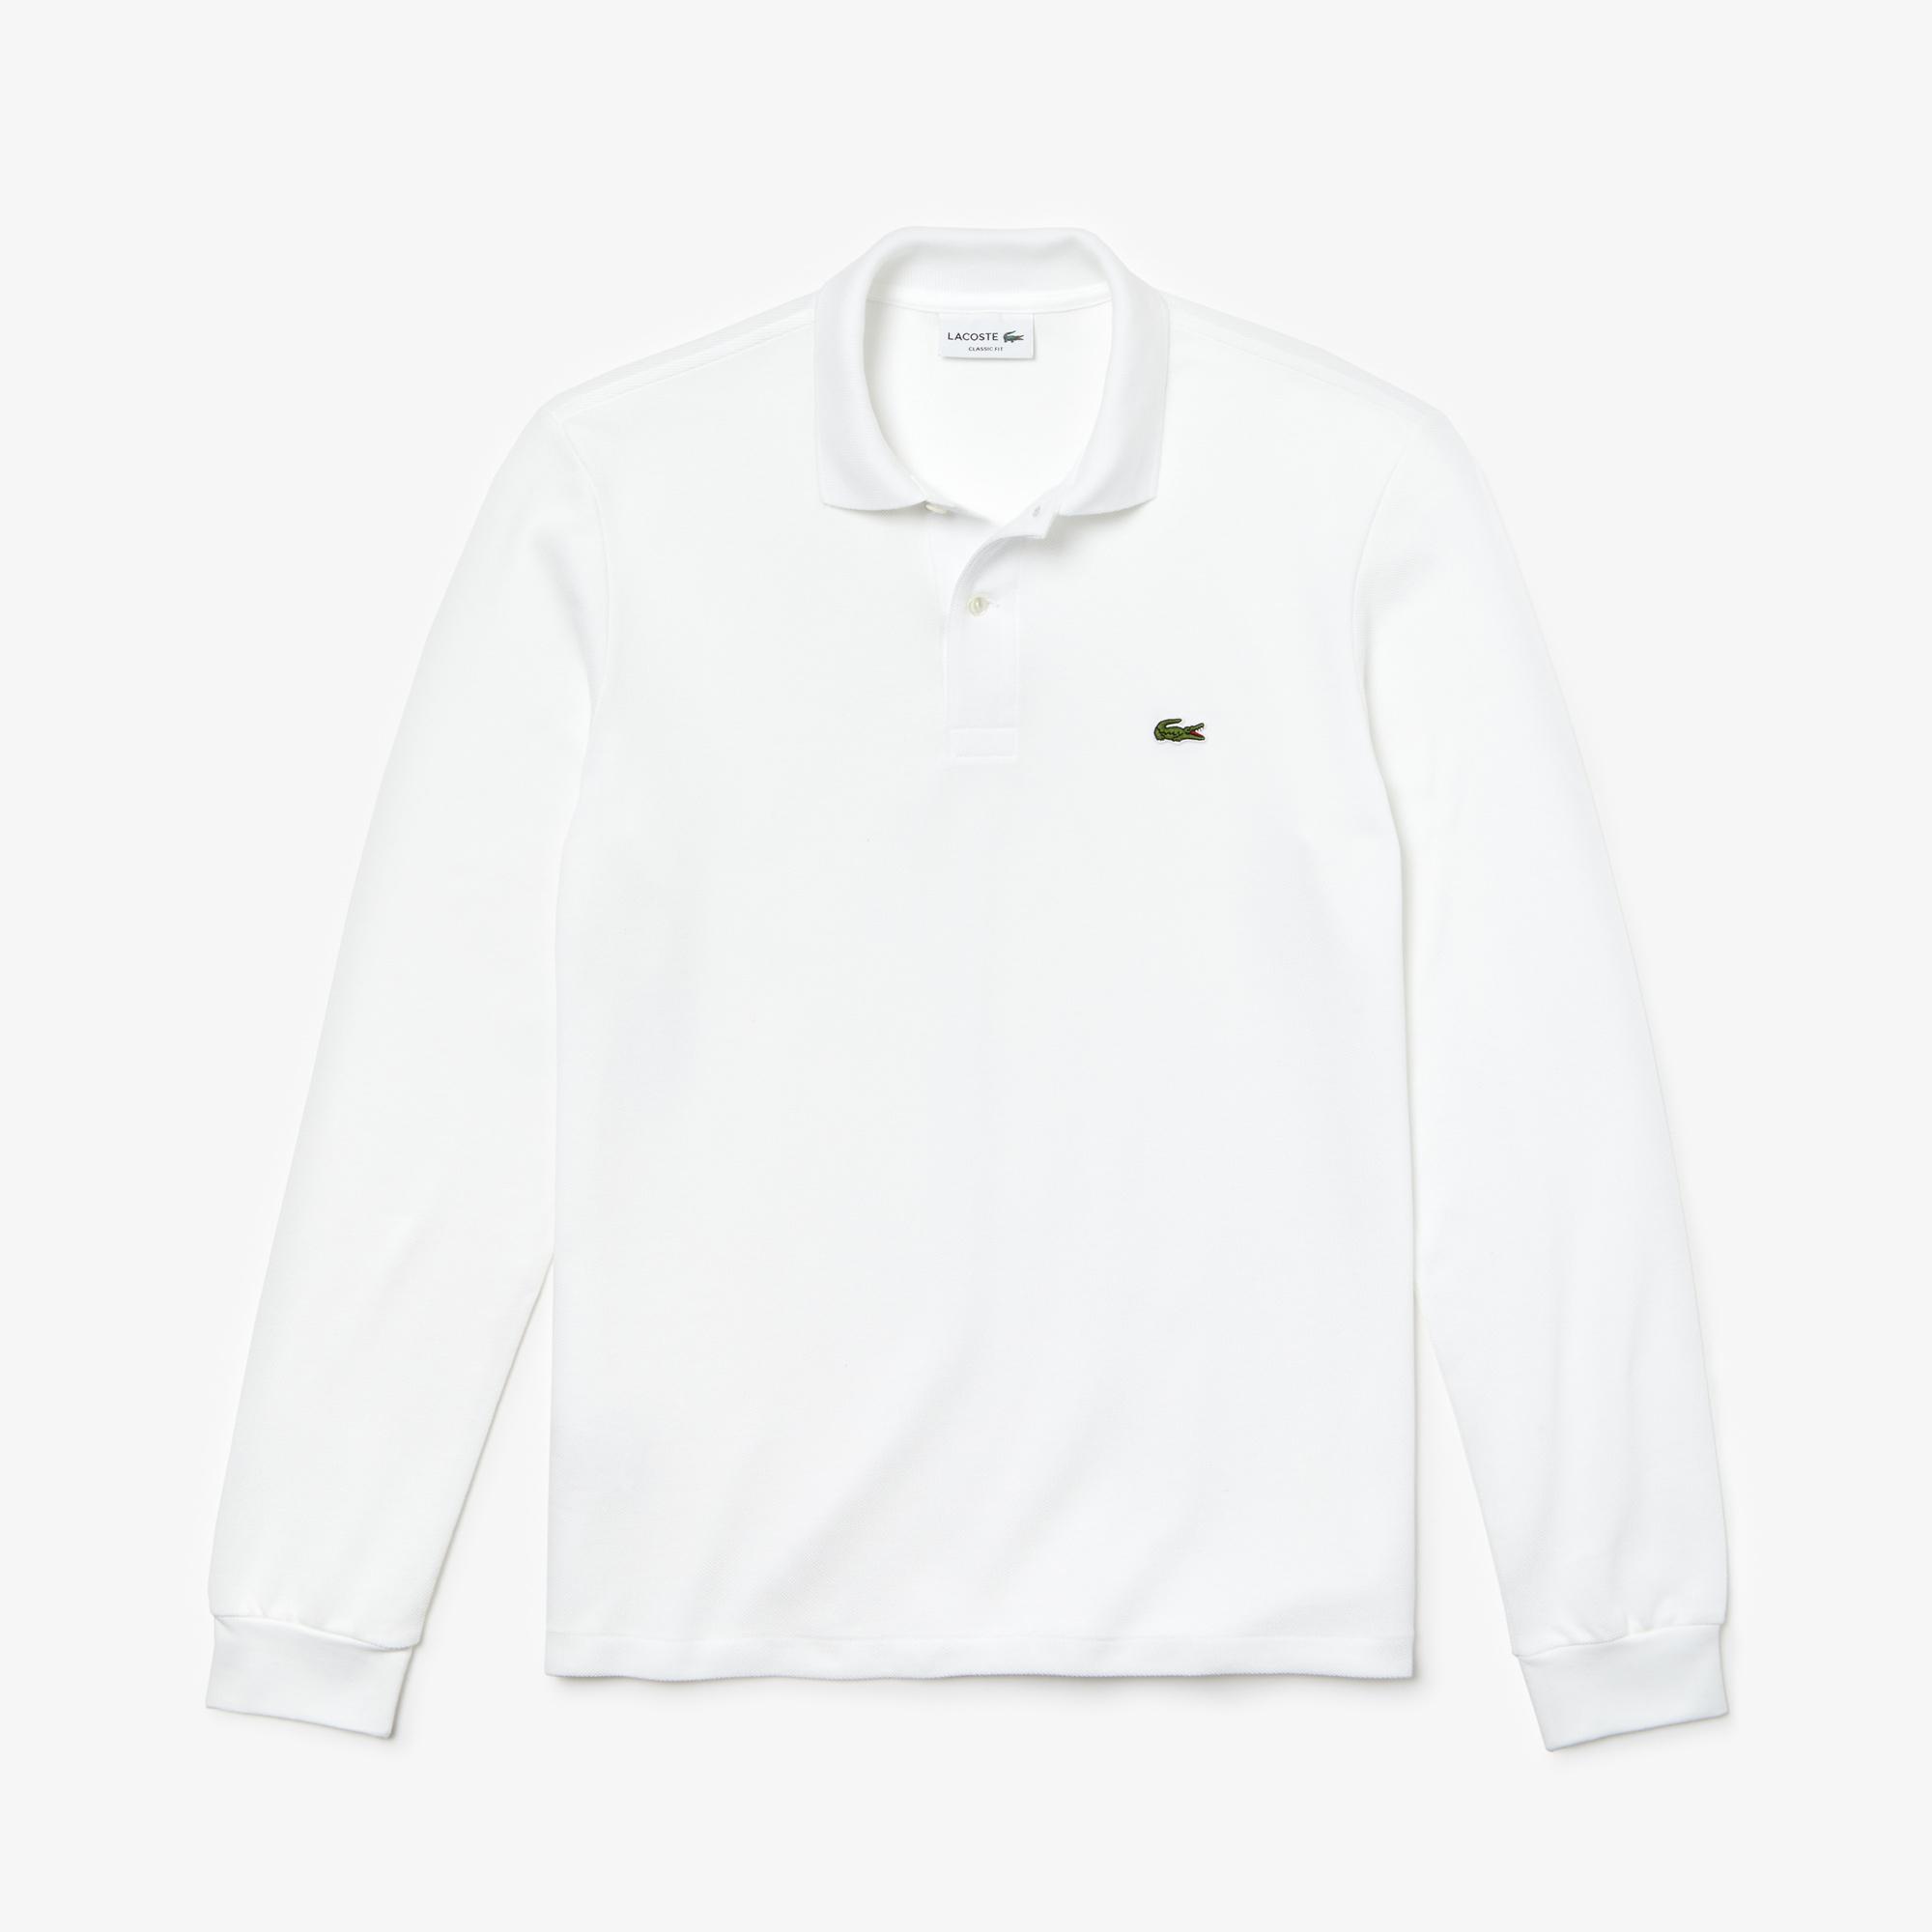 Lacoste Erkek Klasik Fit L1212 Uzun Kollu Beyaz Polo